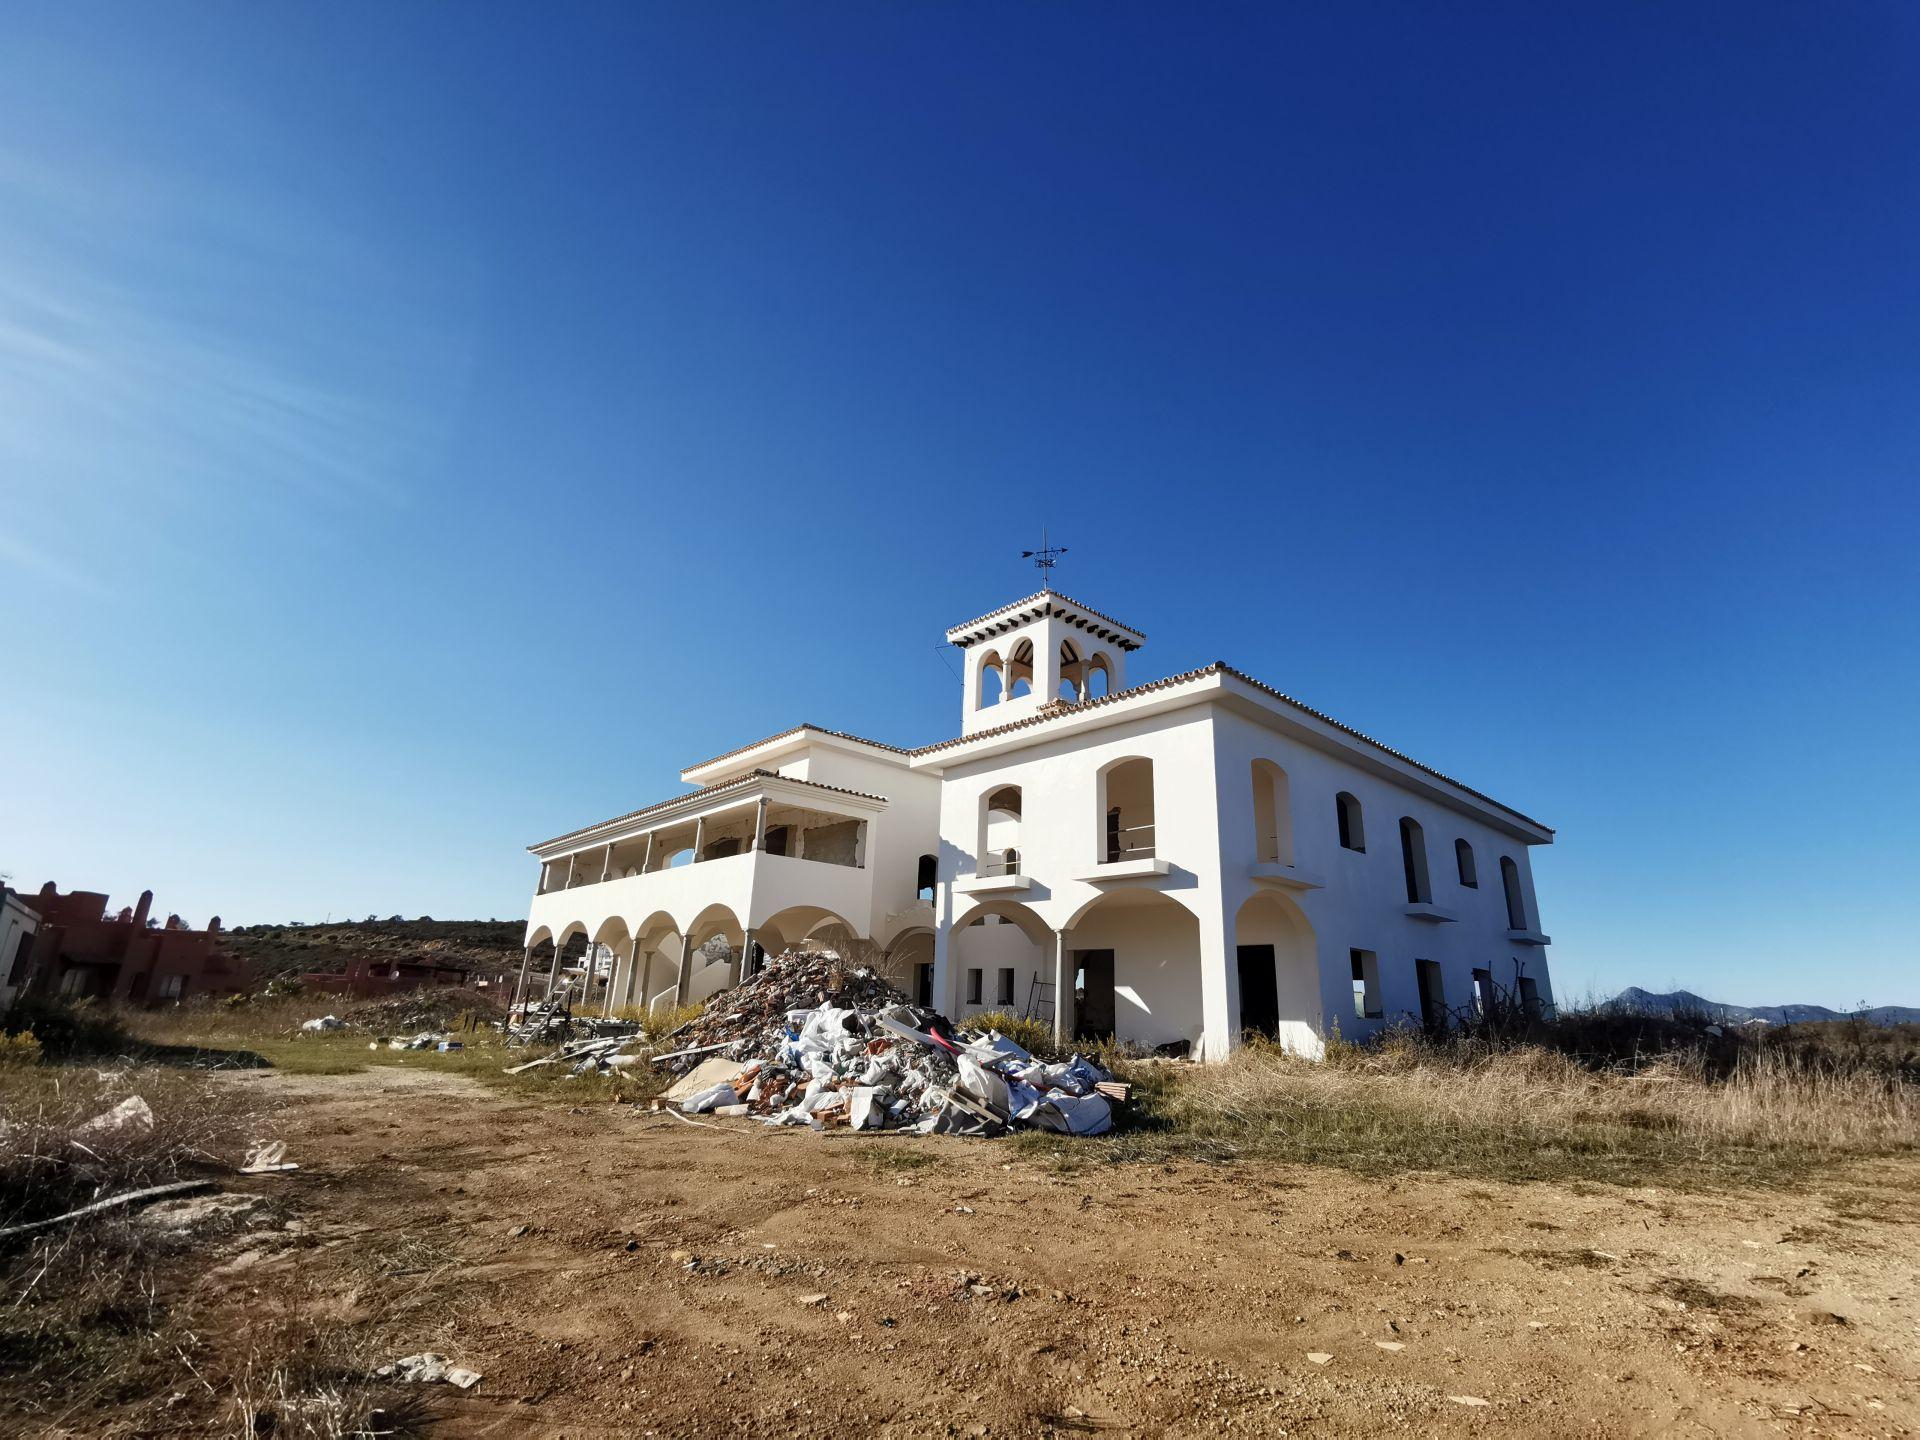 Cortijo in Bahia de las Rocas, Manilva